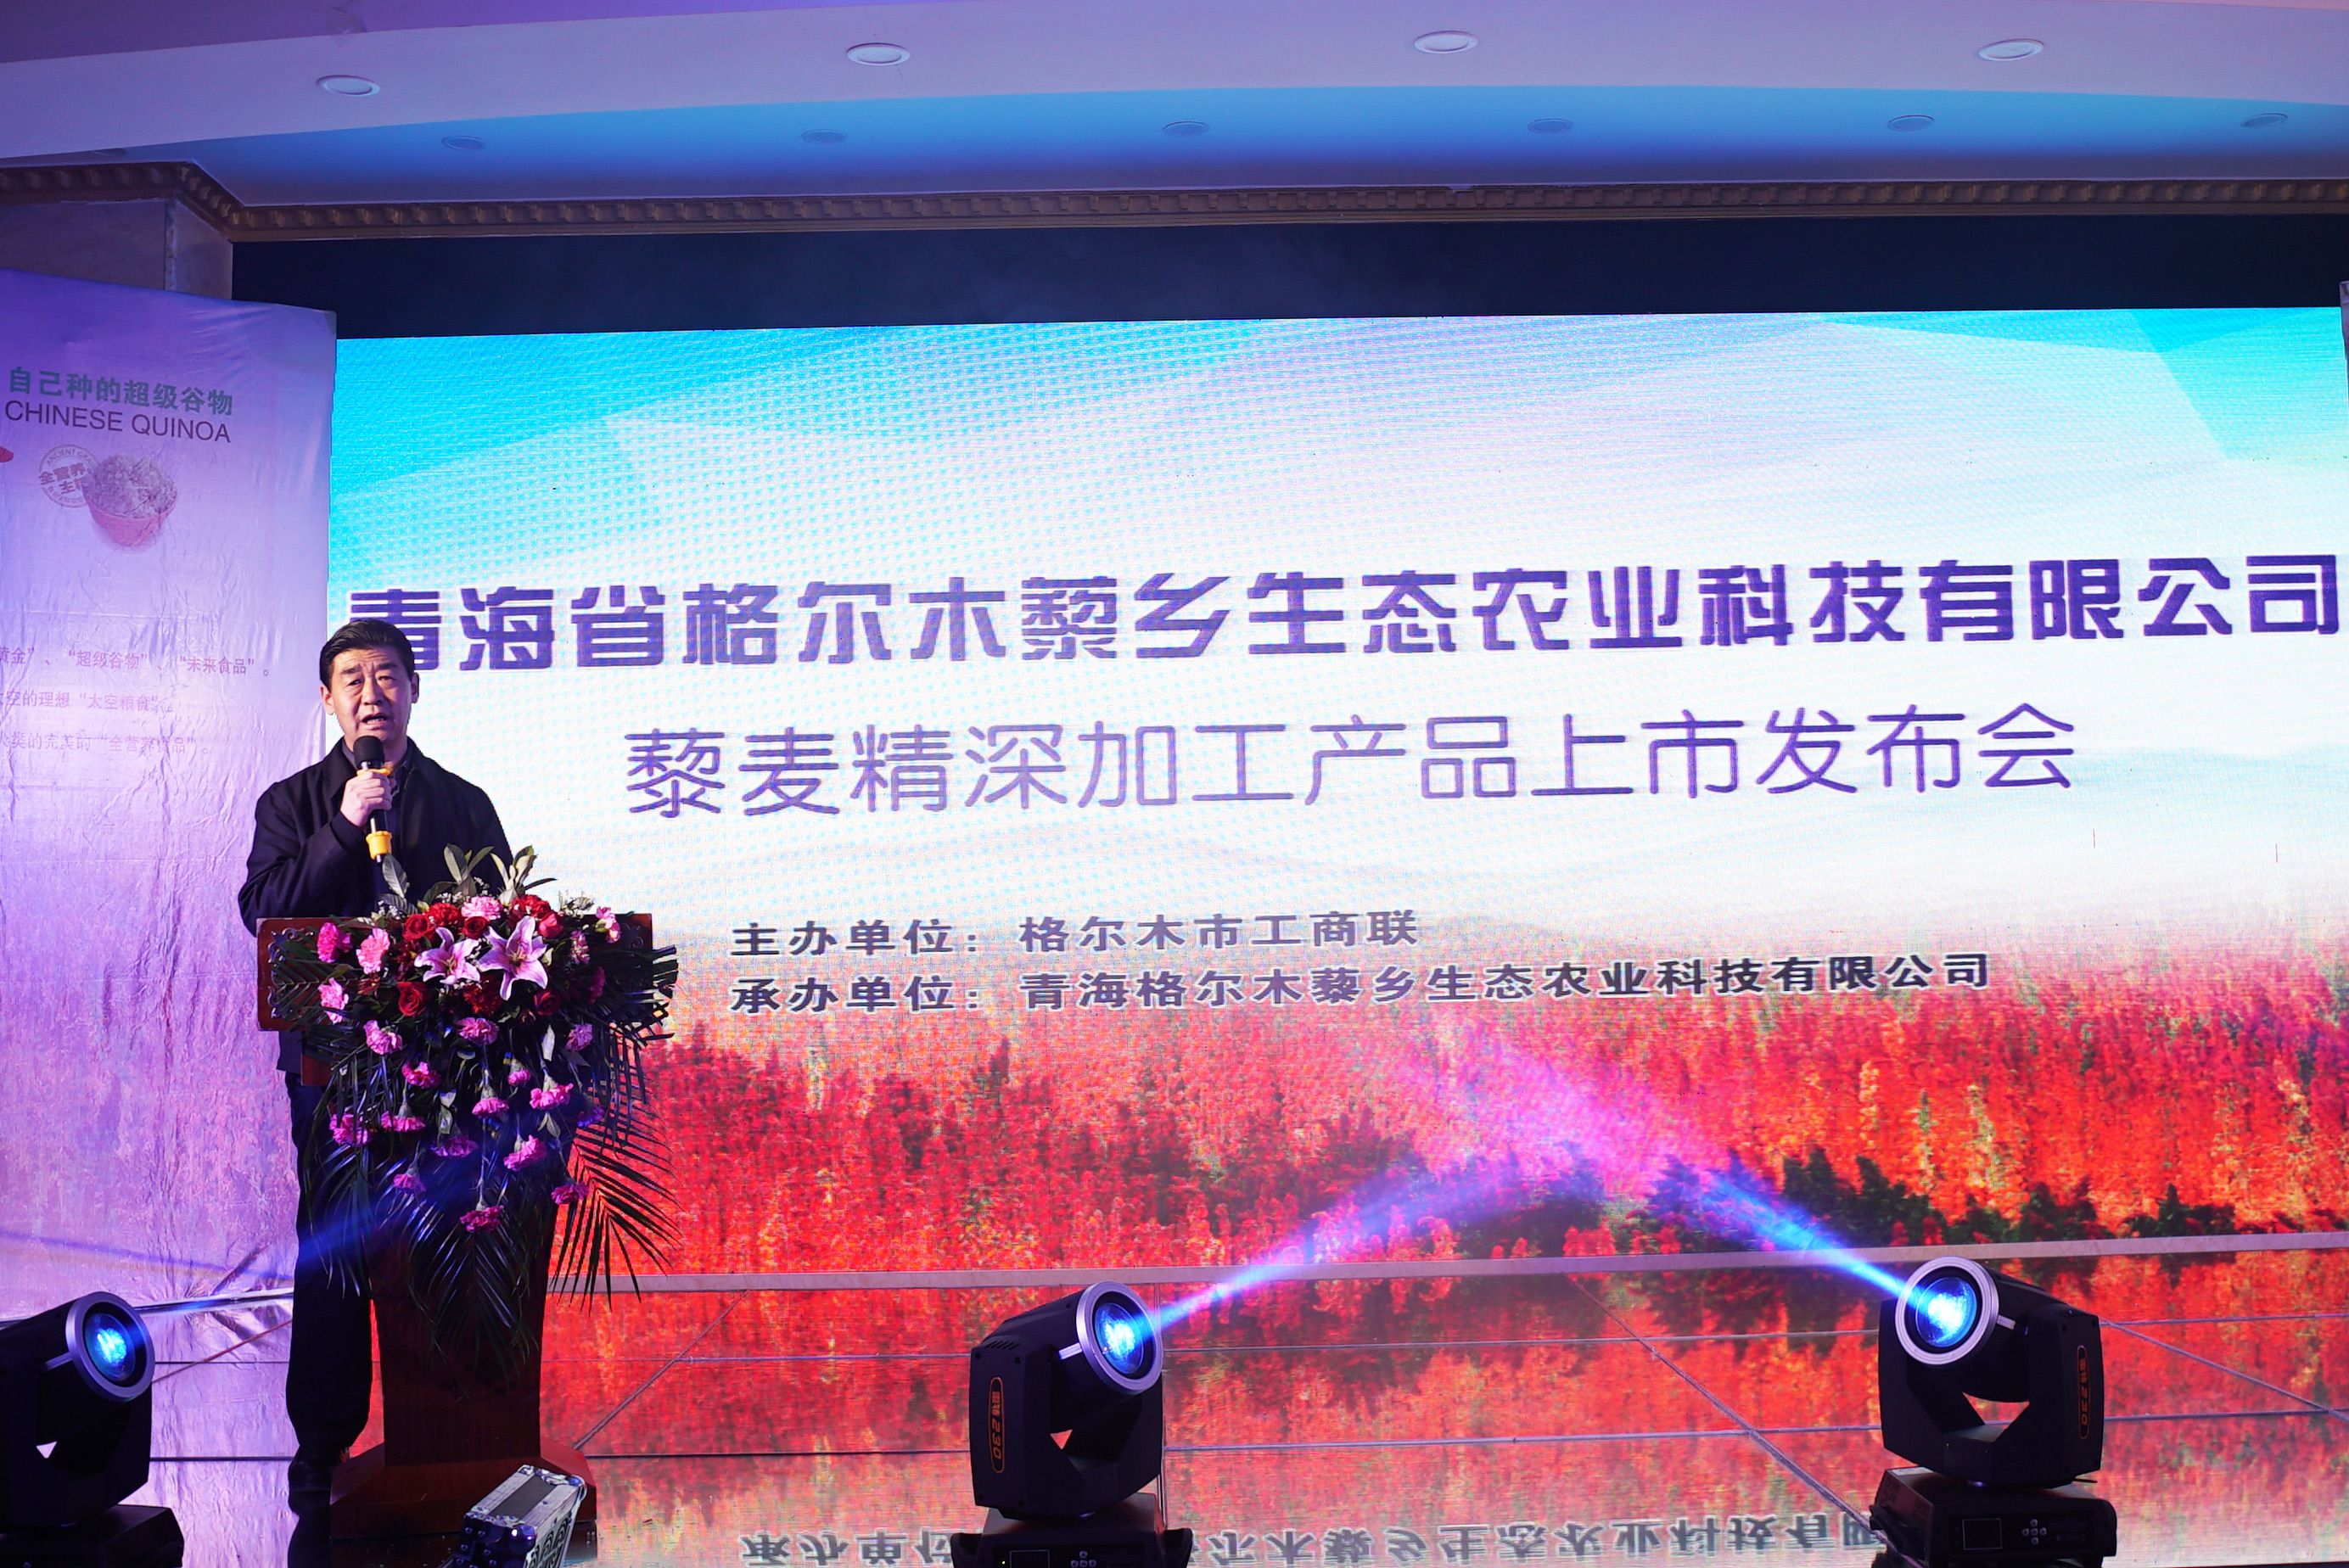 格尔木藜乡生态农业科技有限公司召开发布会 藜麦精深加工新品悉数亮相